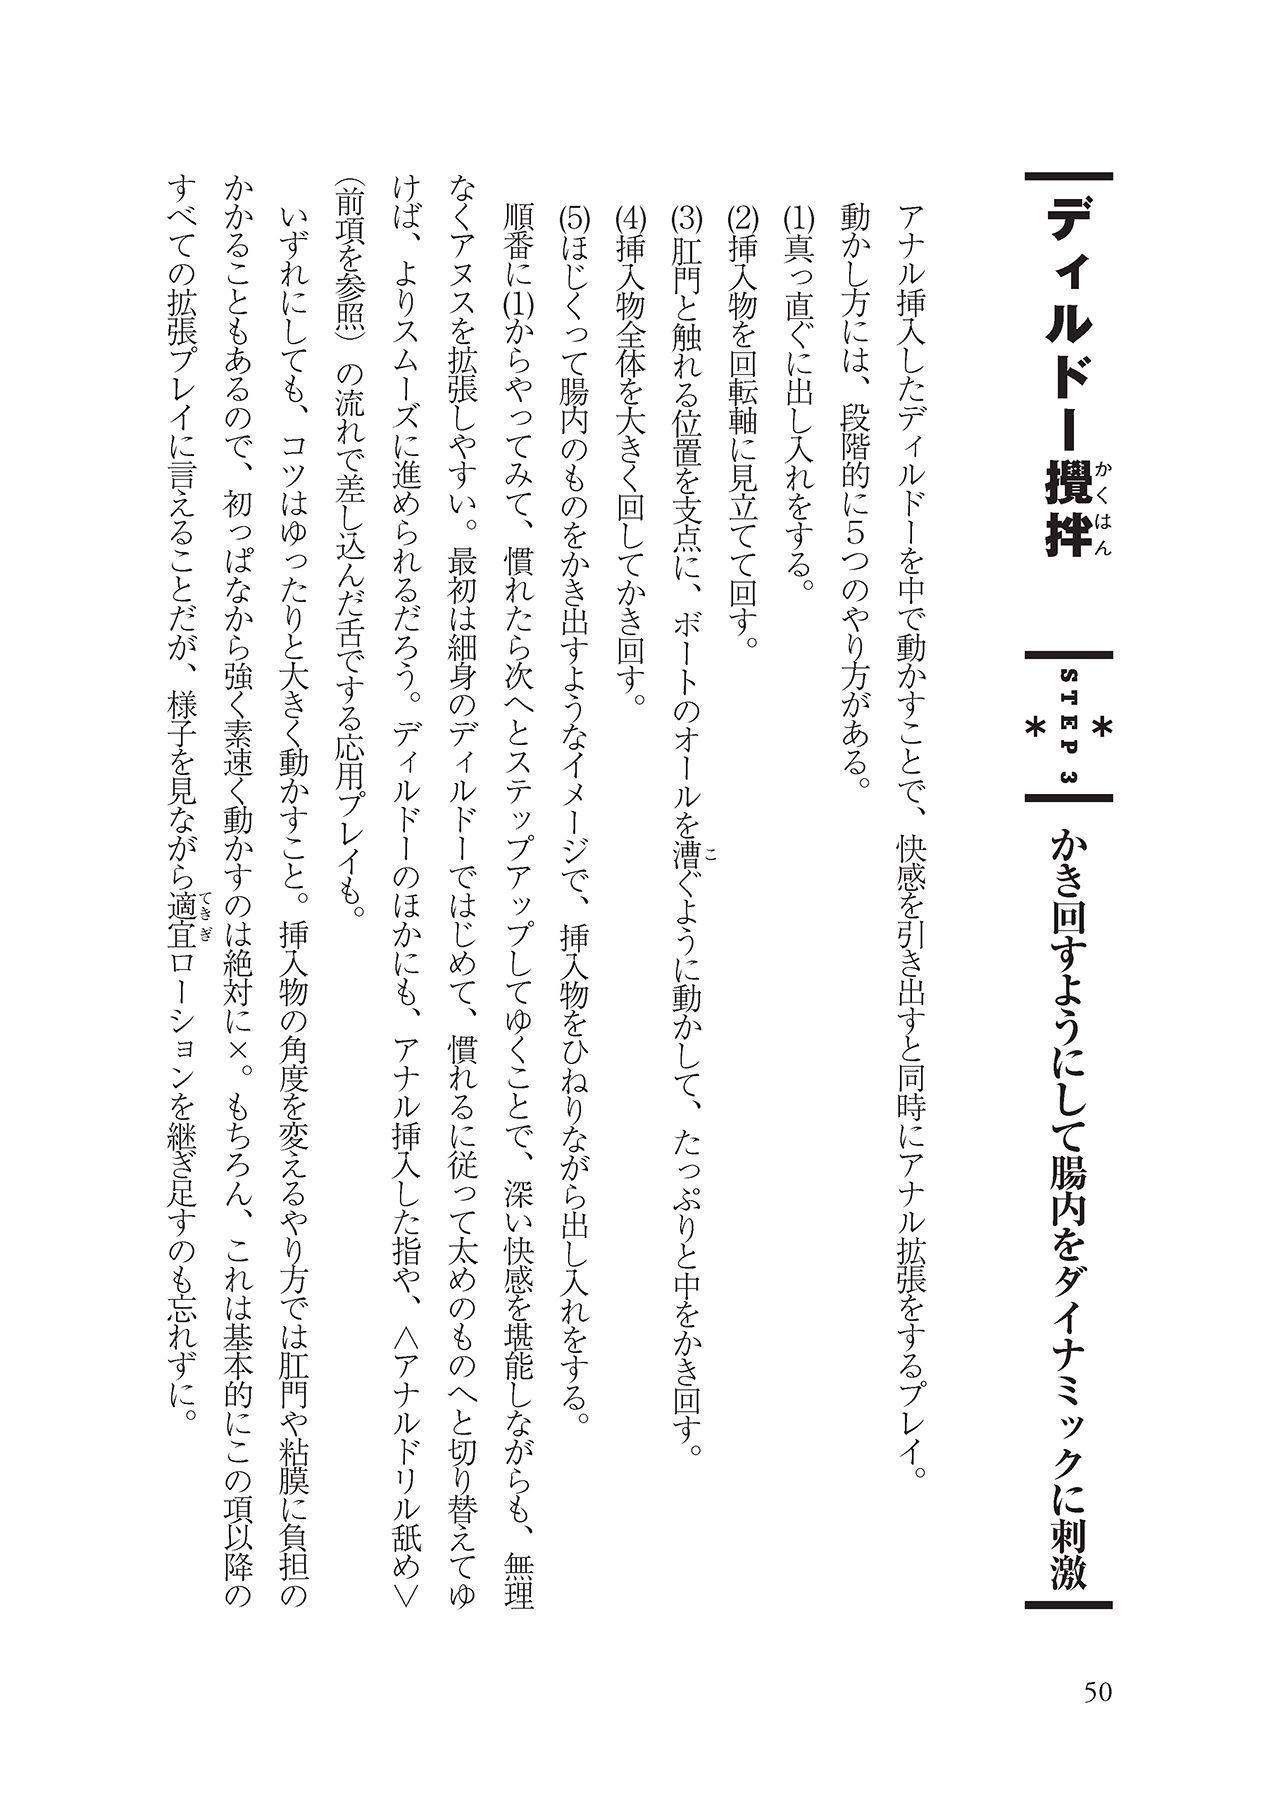 アナル性感開発・お尻エッチ 完全マニュアル 51